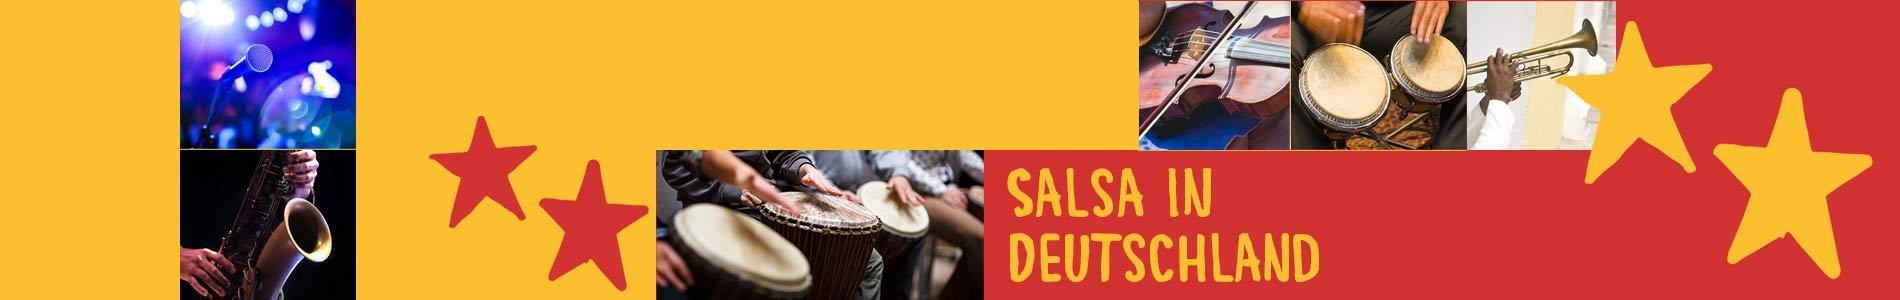 Salsa in Bötzingen – Salsa lernen und tanzen, Tanzkurse, Partys, Veranstaltungen